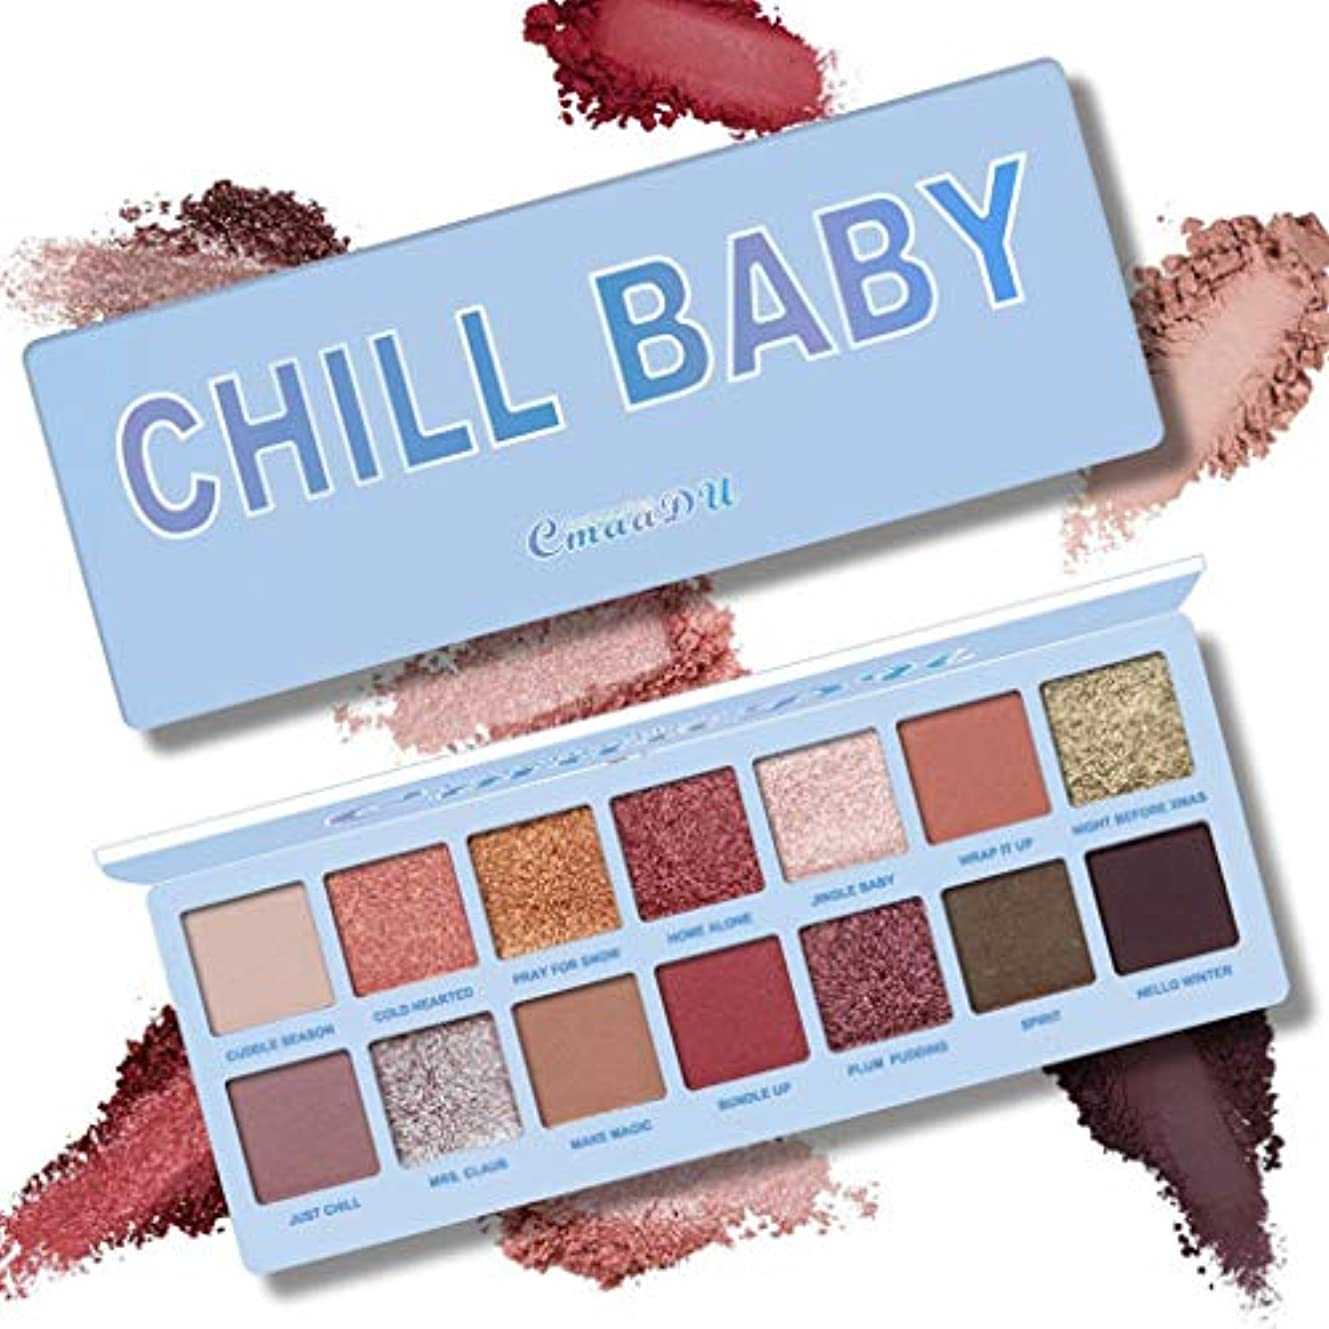 釈義キャッチ王位健康と美容アイシャドウ 3ピース14色ヌードシャイニングアイシャドウパレット防水スモーキーアイシャドーパレットマットパウダー化粧品(スカイブルー) 化粧 (色 : Sky blue)